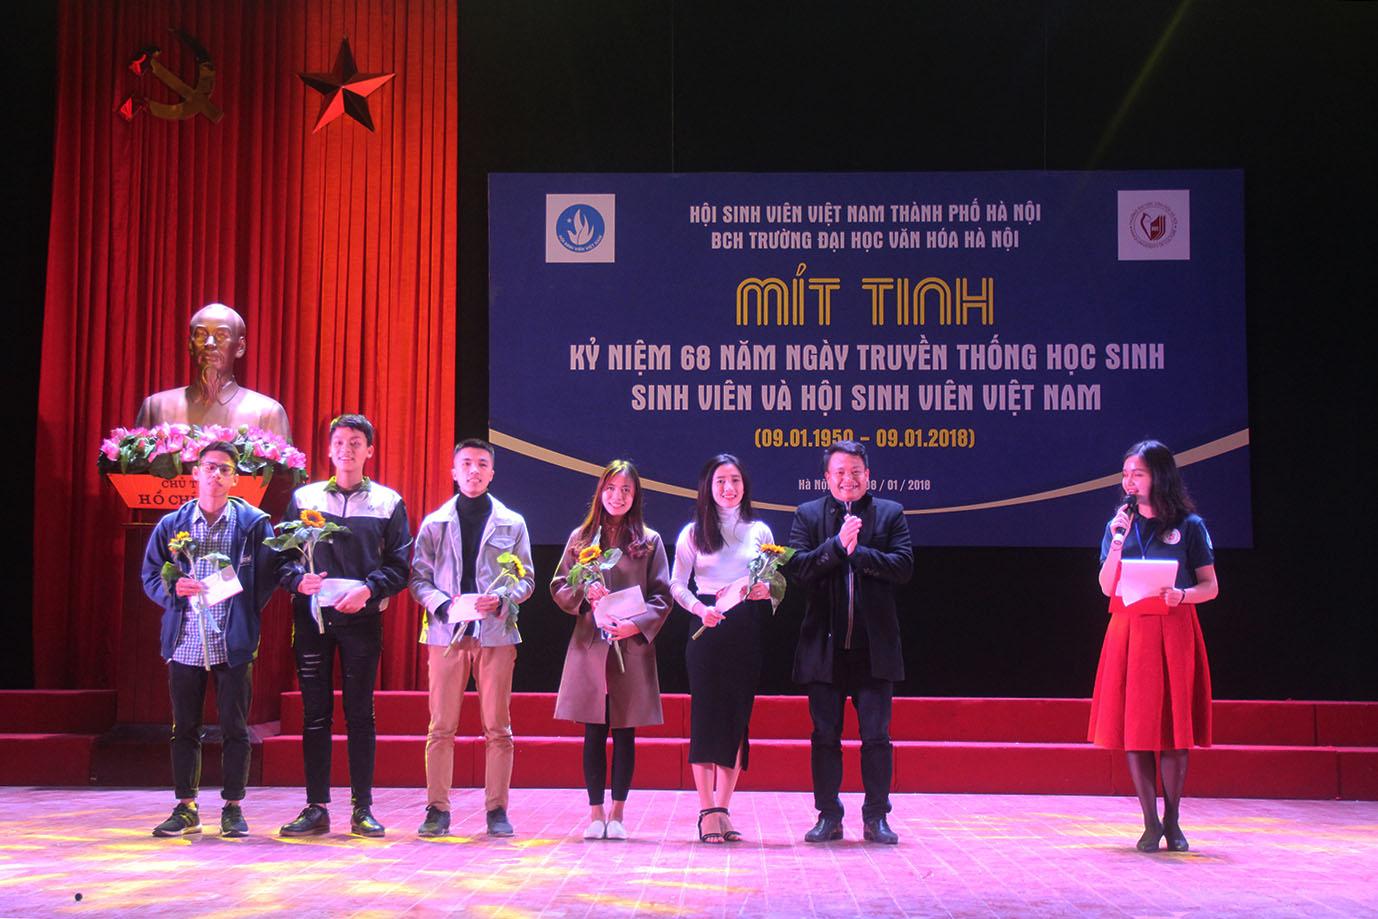 """""""Chuẩn cơm HUC nấu"""" - Chào mừng 68 năm Ngày Truyền thống Học sinh - Sinh viên và Hội Sinh viên Việt Nam"""